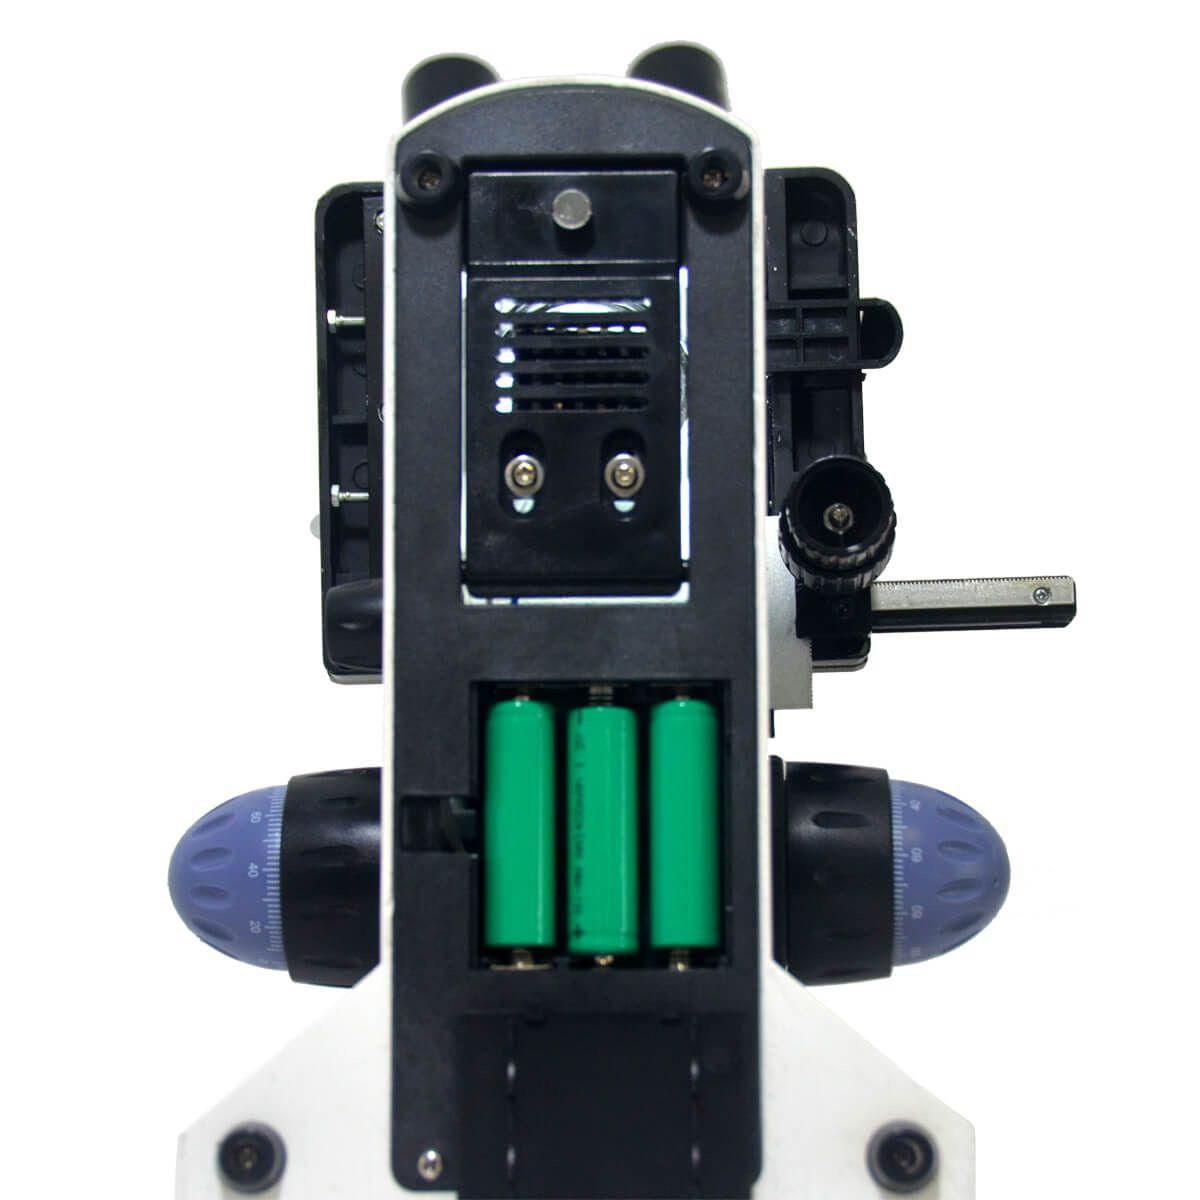 Microscópio Biológico Binocular de 40x até 1000 Ou 2000x, Iluminação Led E Suporte para Bateria Recarregável